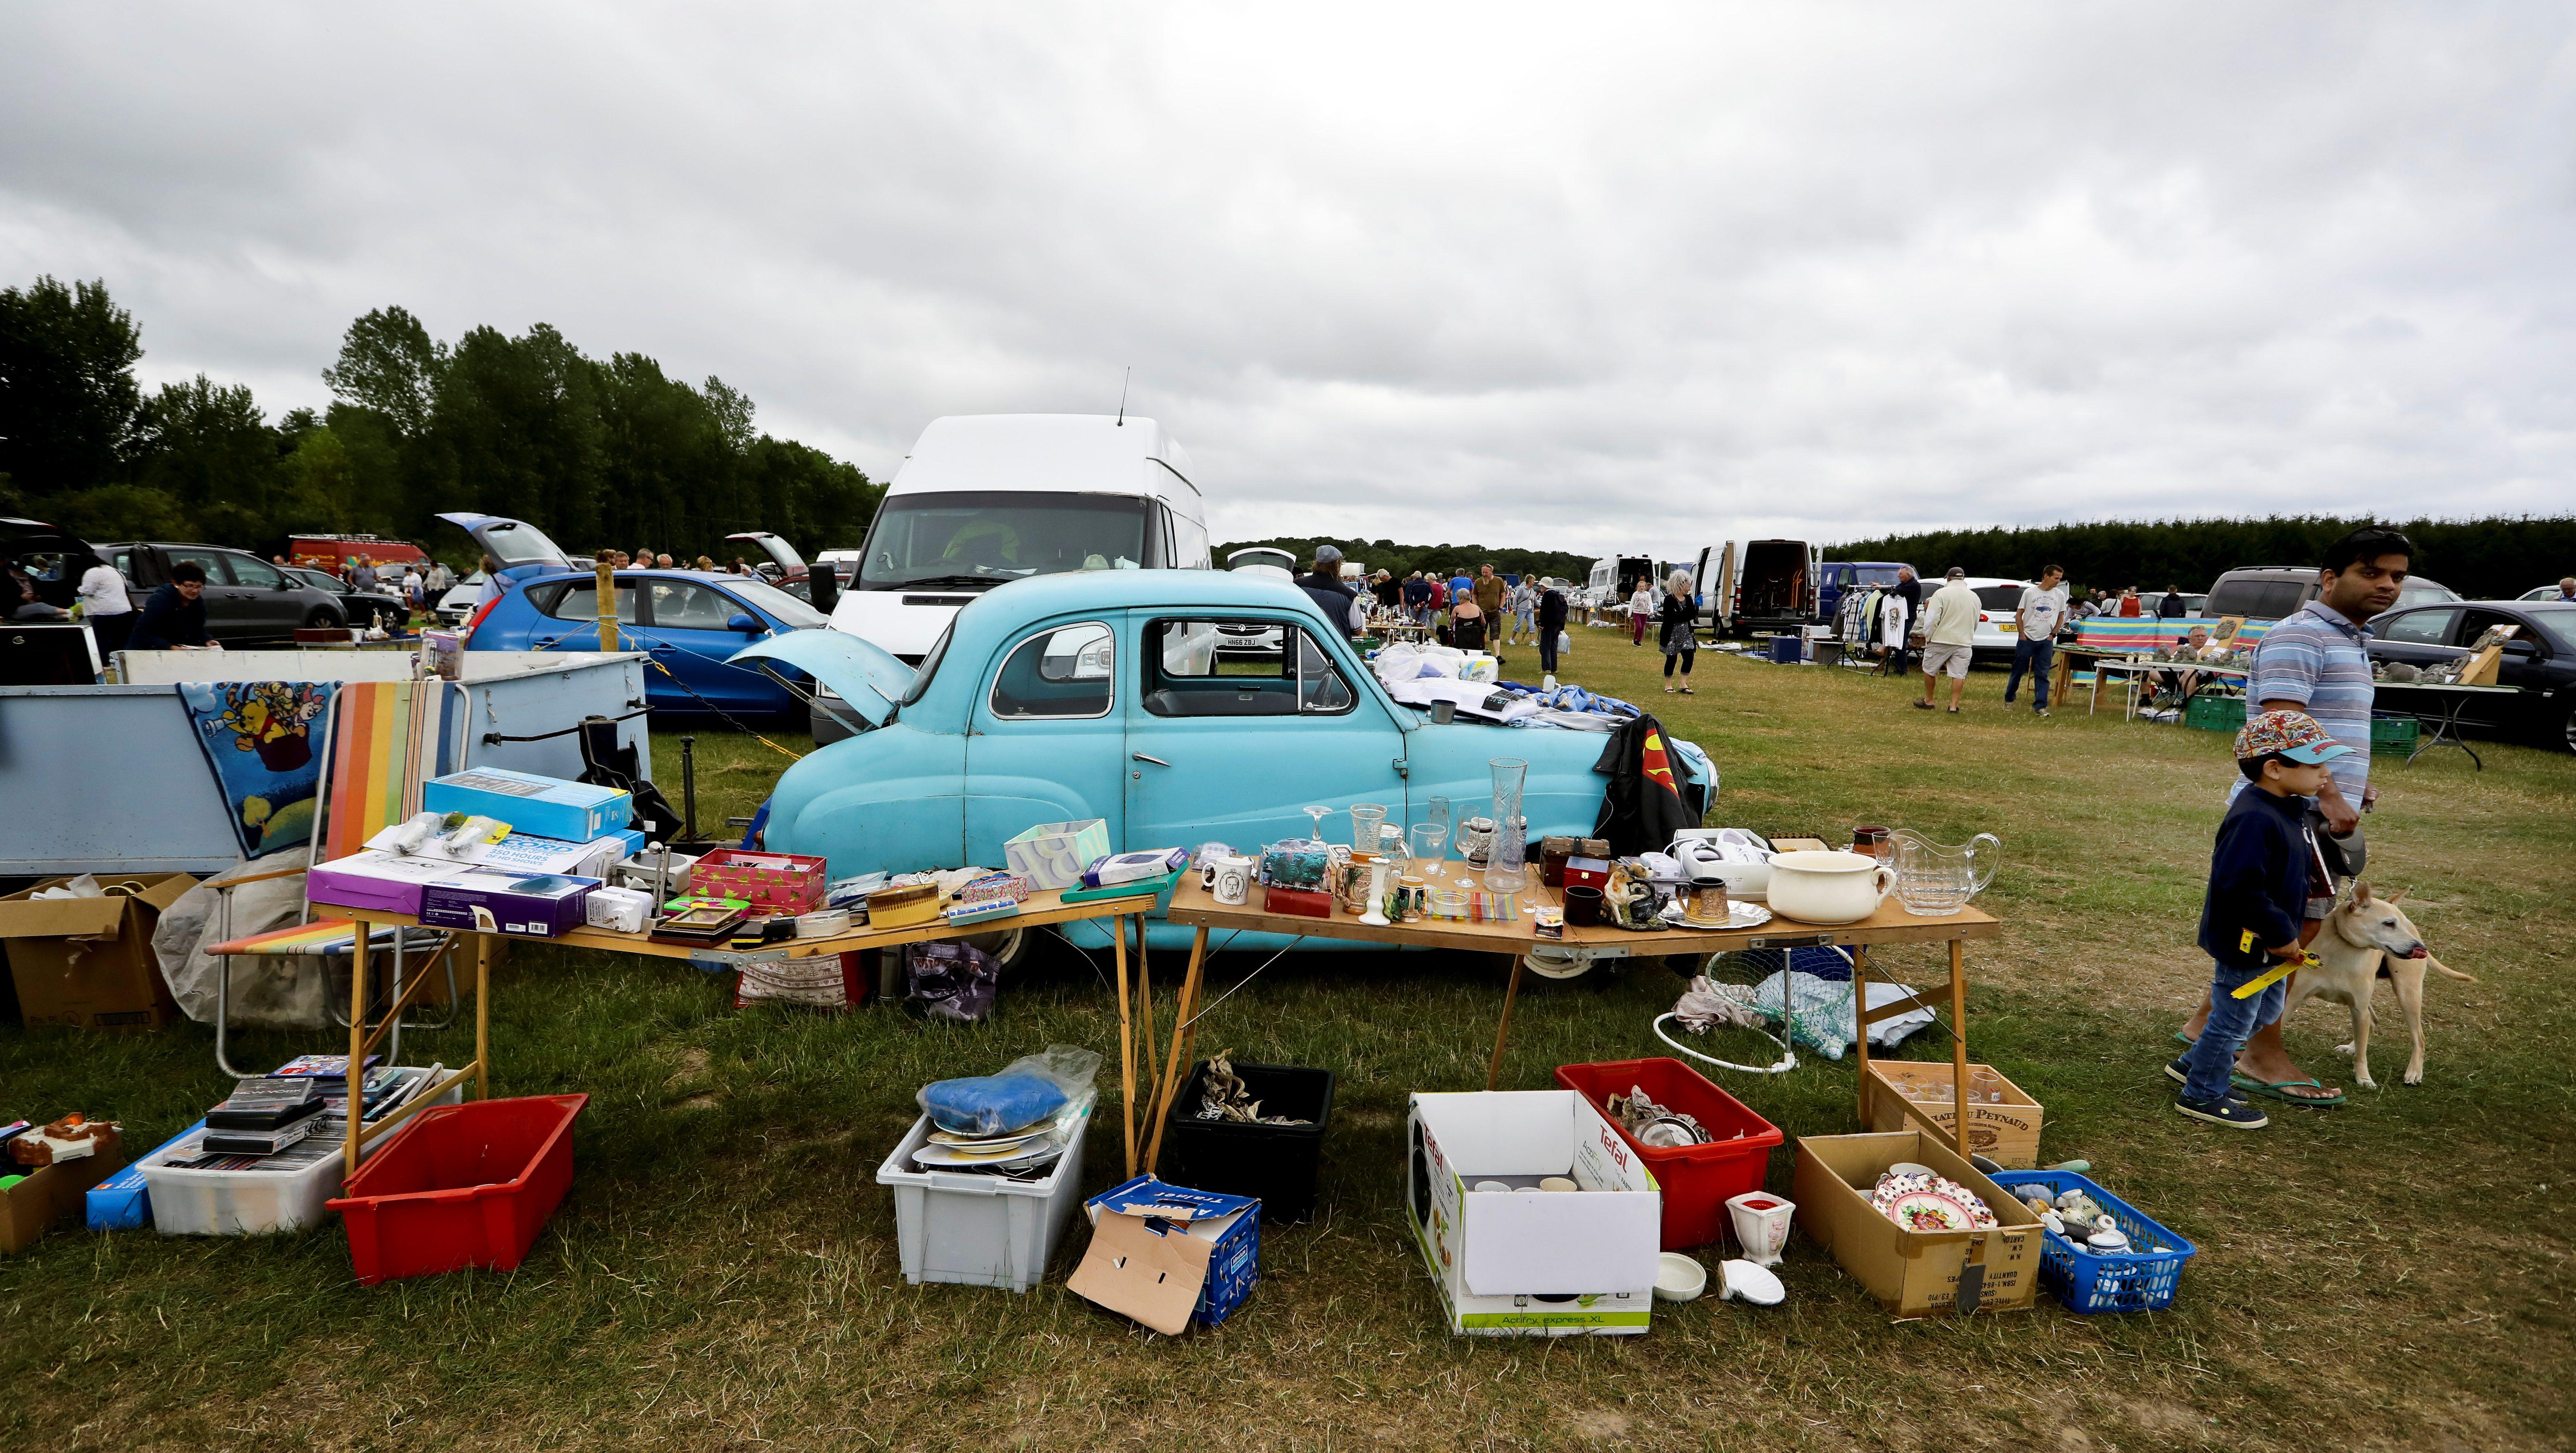 An Austin car is seen at a flea market boot fair in Lymington, Britain.